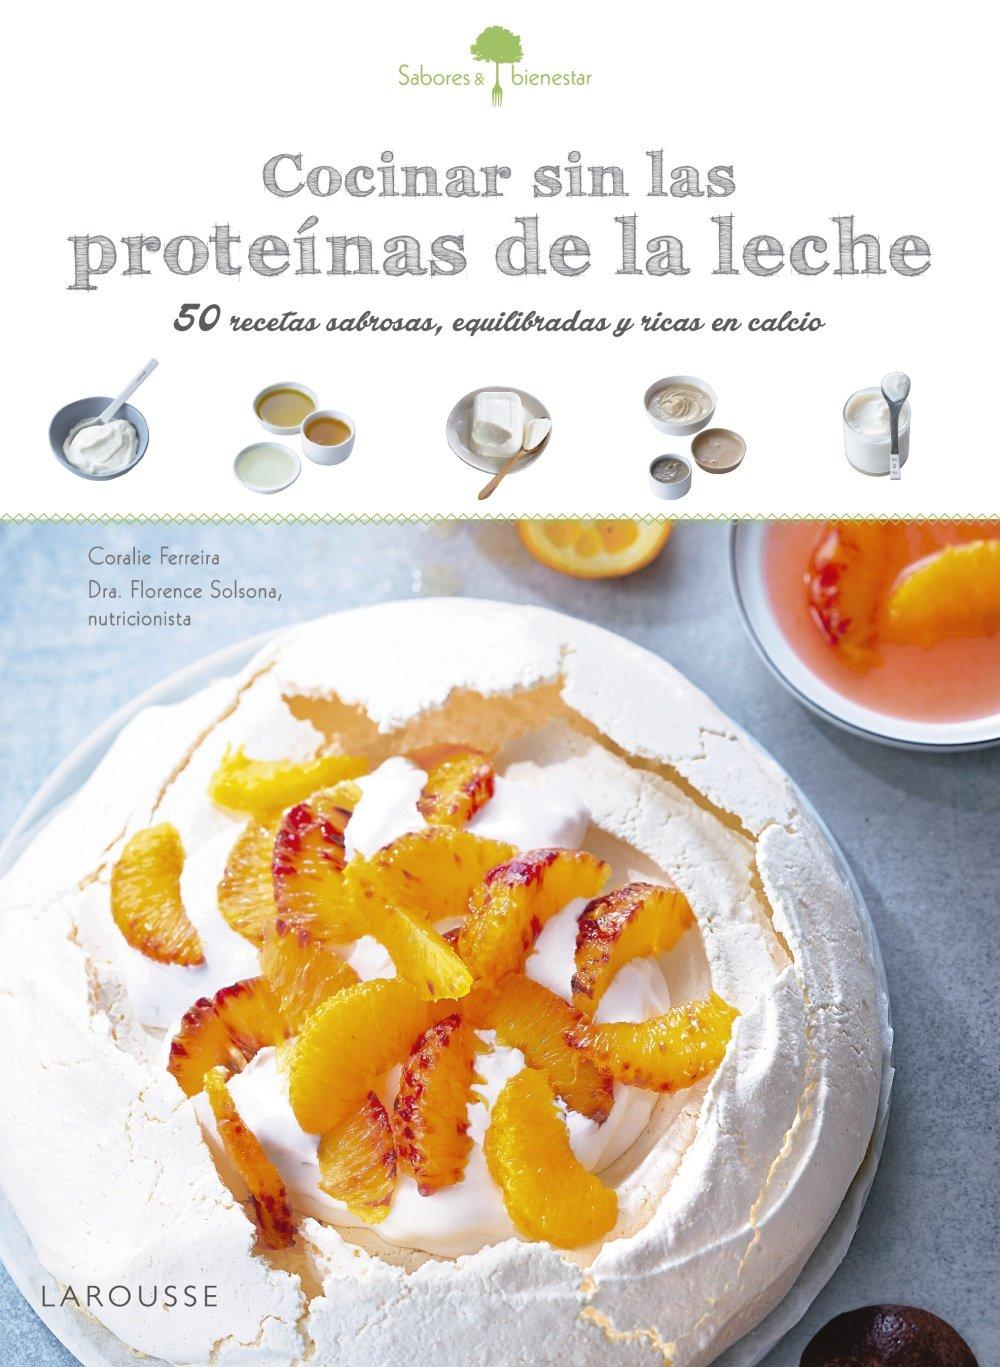 Sabores & Bienestar: Cocinar sin las proteinas de leche (Spanish Edition) (Spanish) Paperback – July 15, 2018